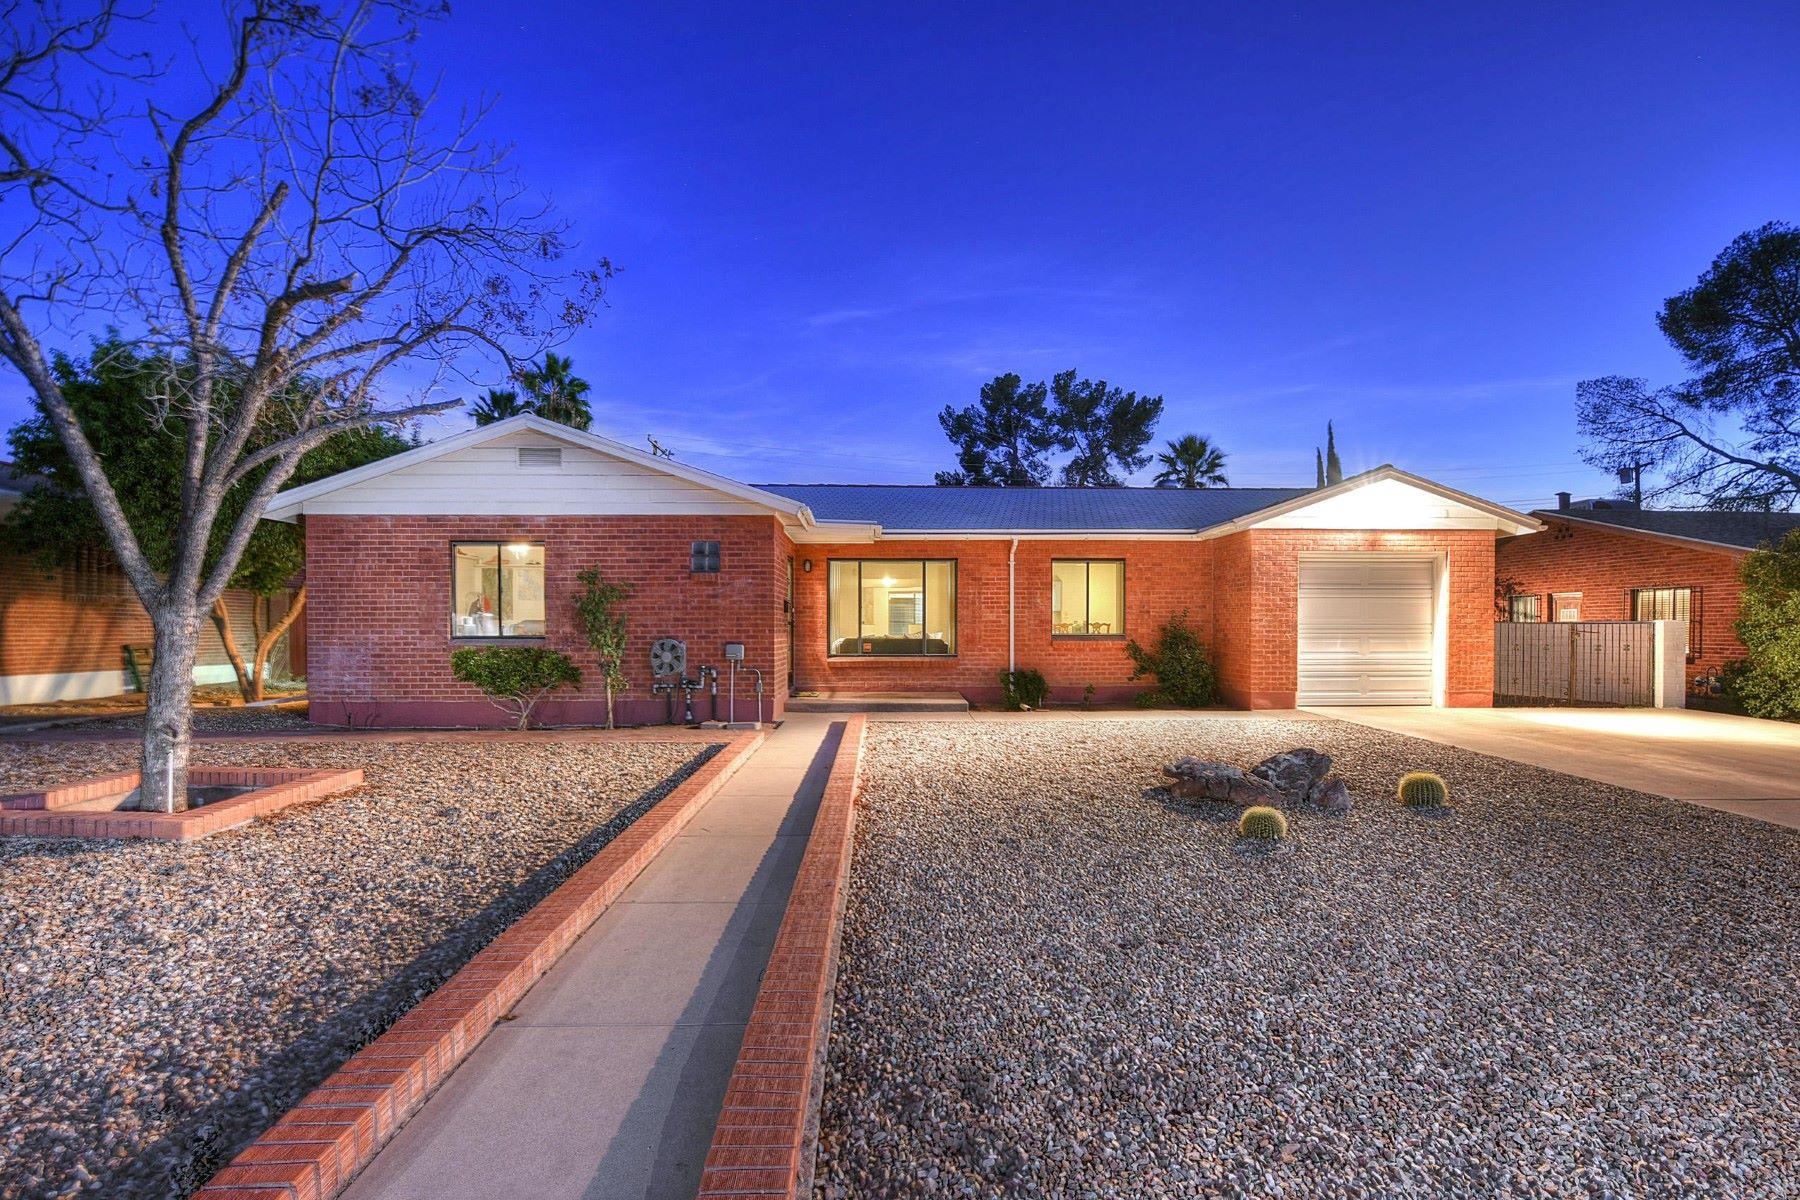 一戸建て のために 売買 アット Classic Mid Century Brick Home in Encanto Park 3456 E Edgemont Street, Tucson, アリゾナ, 85716 アメリカ合衆国